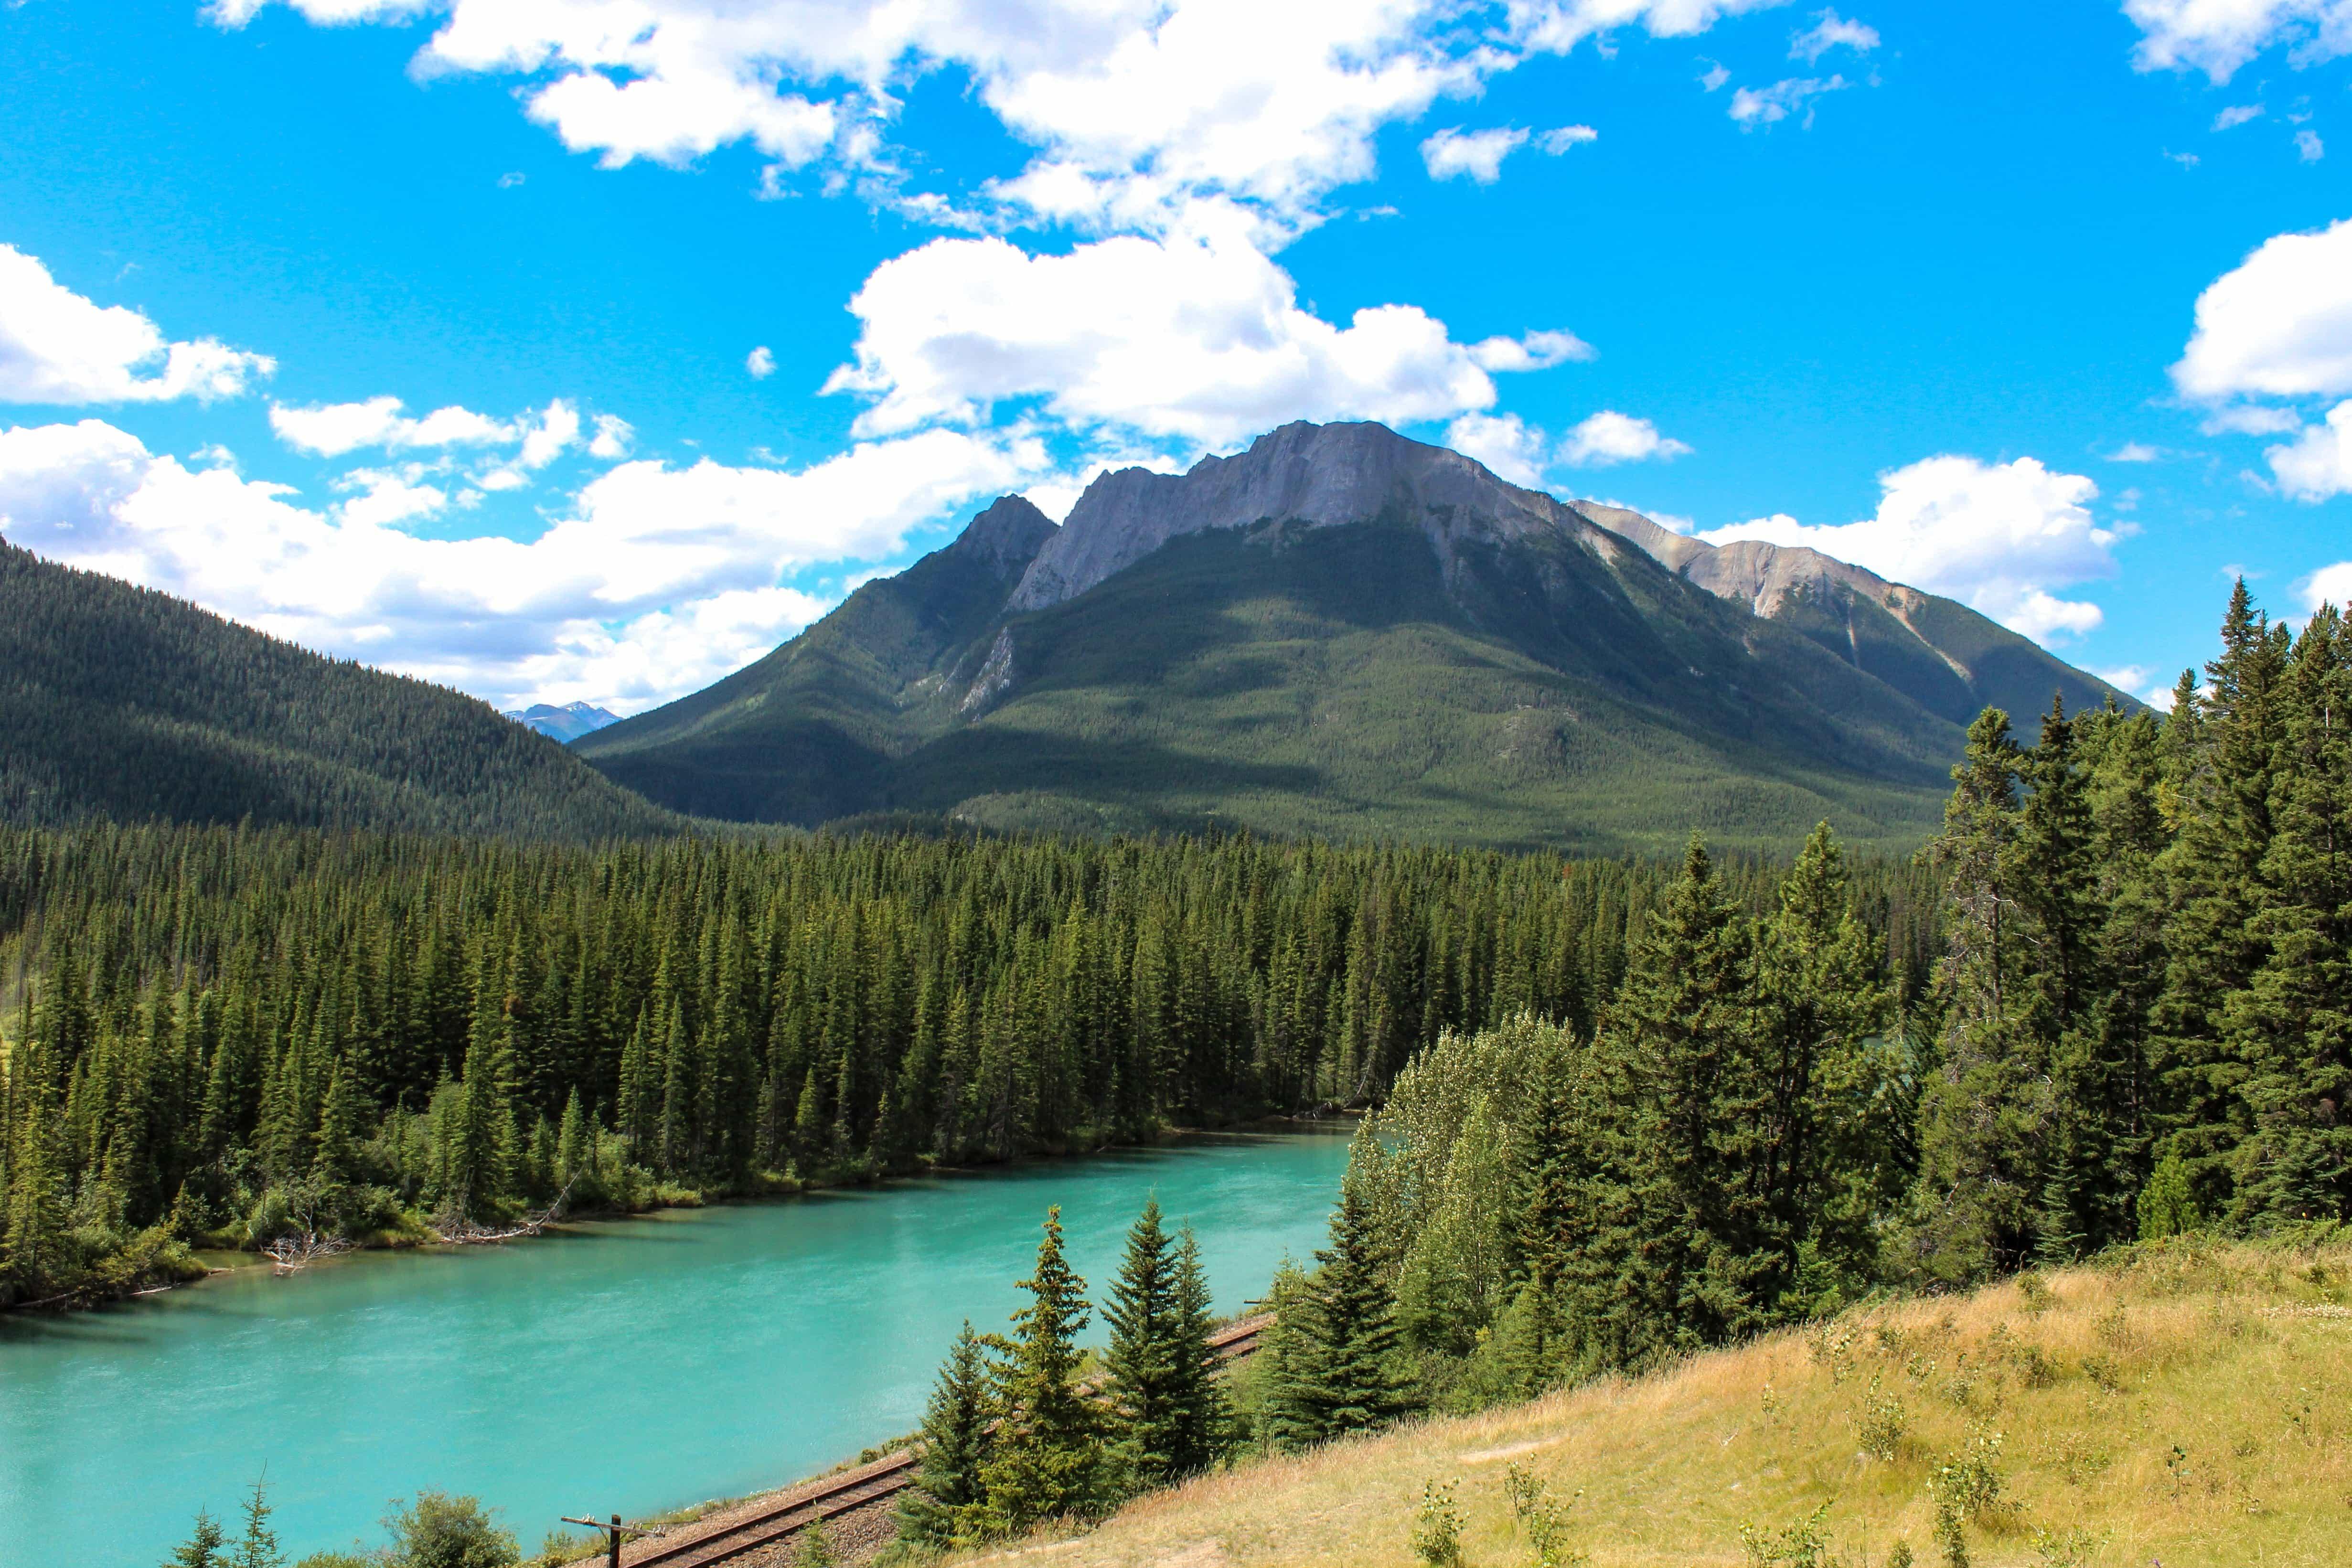 imagine gratuit u0103  munte  lac  natura  nor  parcul na u0163ional